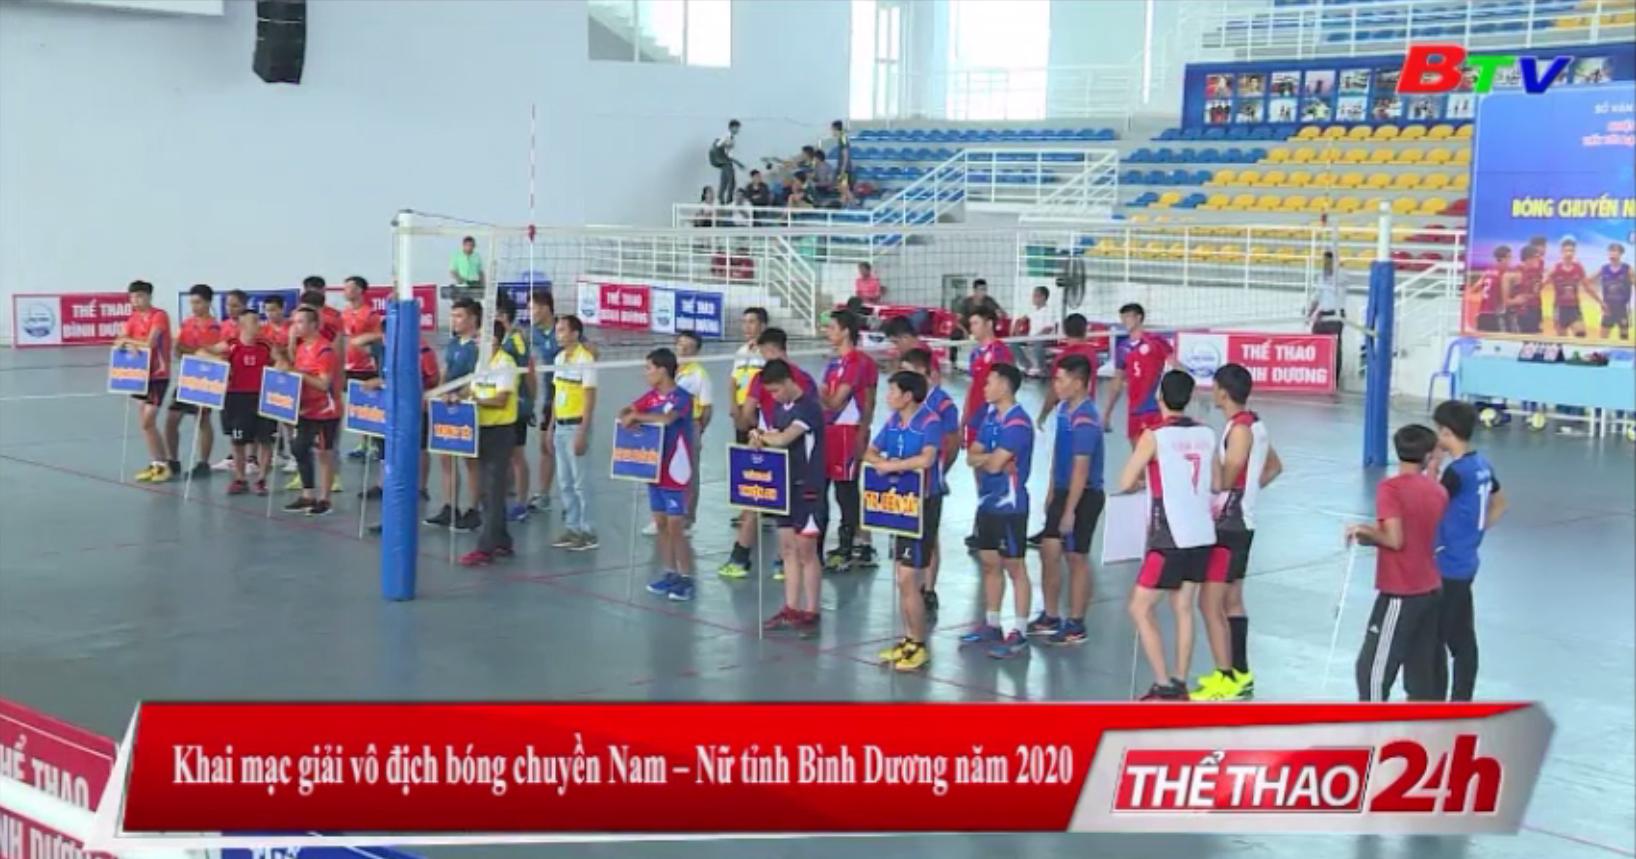 Khai mạc Giải vô địch bóng chuyền nam - nữ tỉnh Bình Dương năm 2020